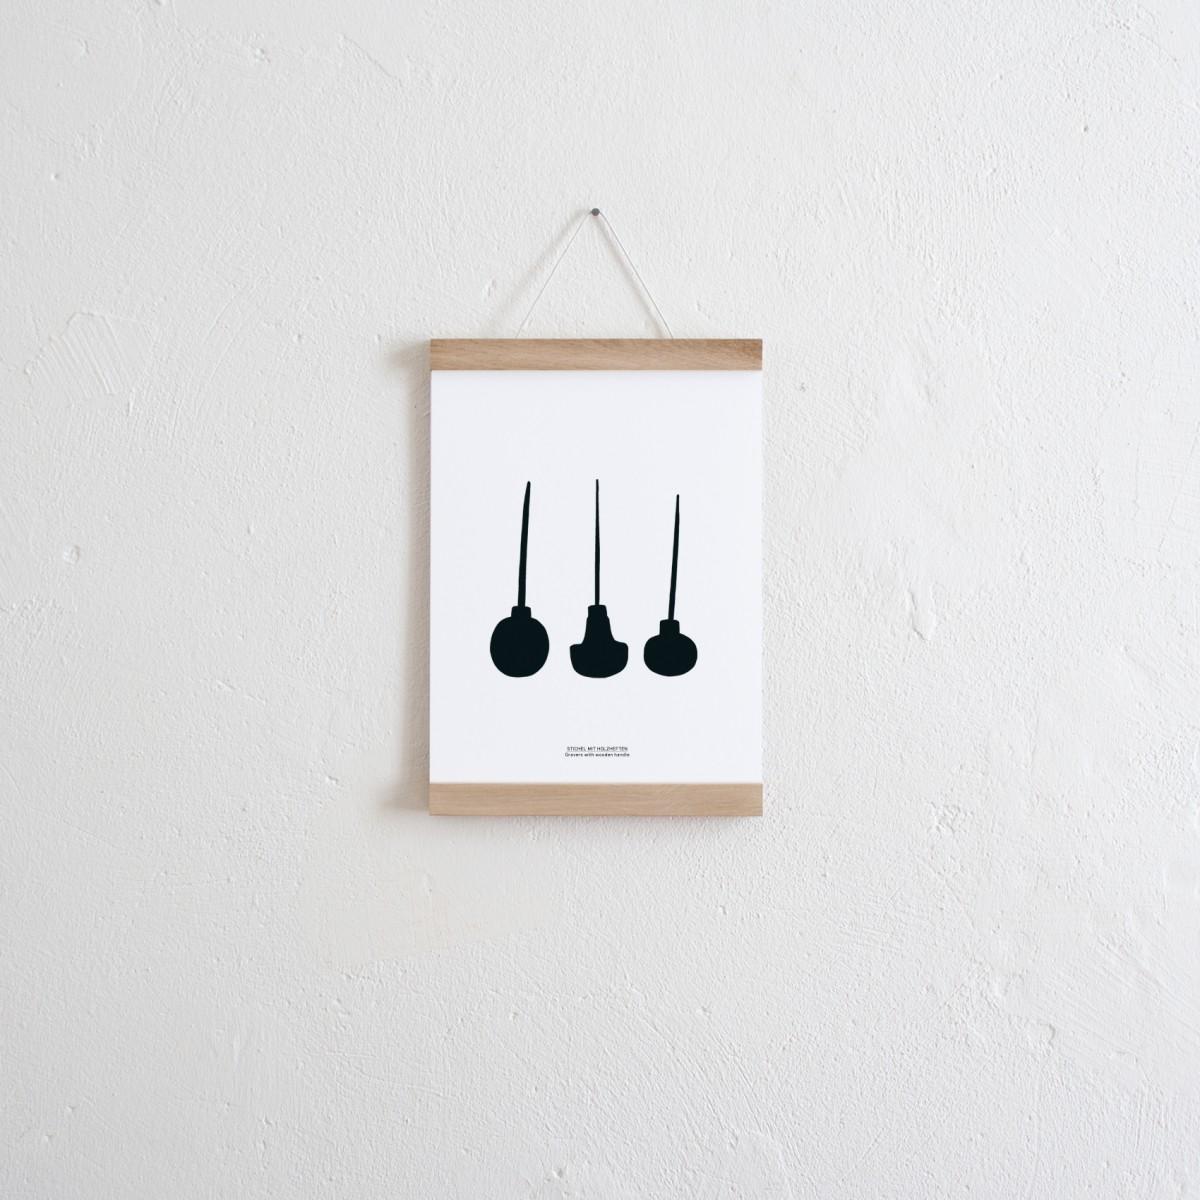 KLEINWAREN / VON LAUFENBERG Set / Stichel Wendeposter + Posterleiste A4